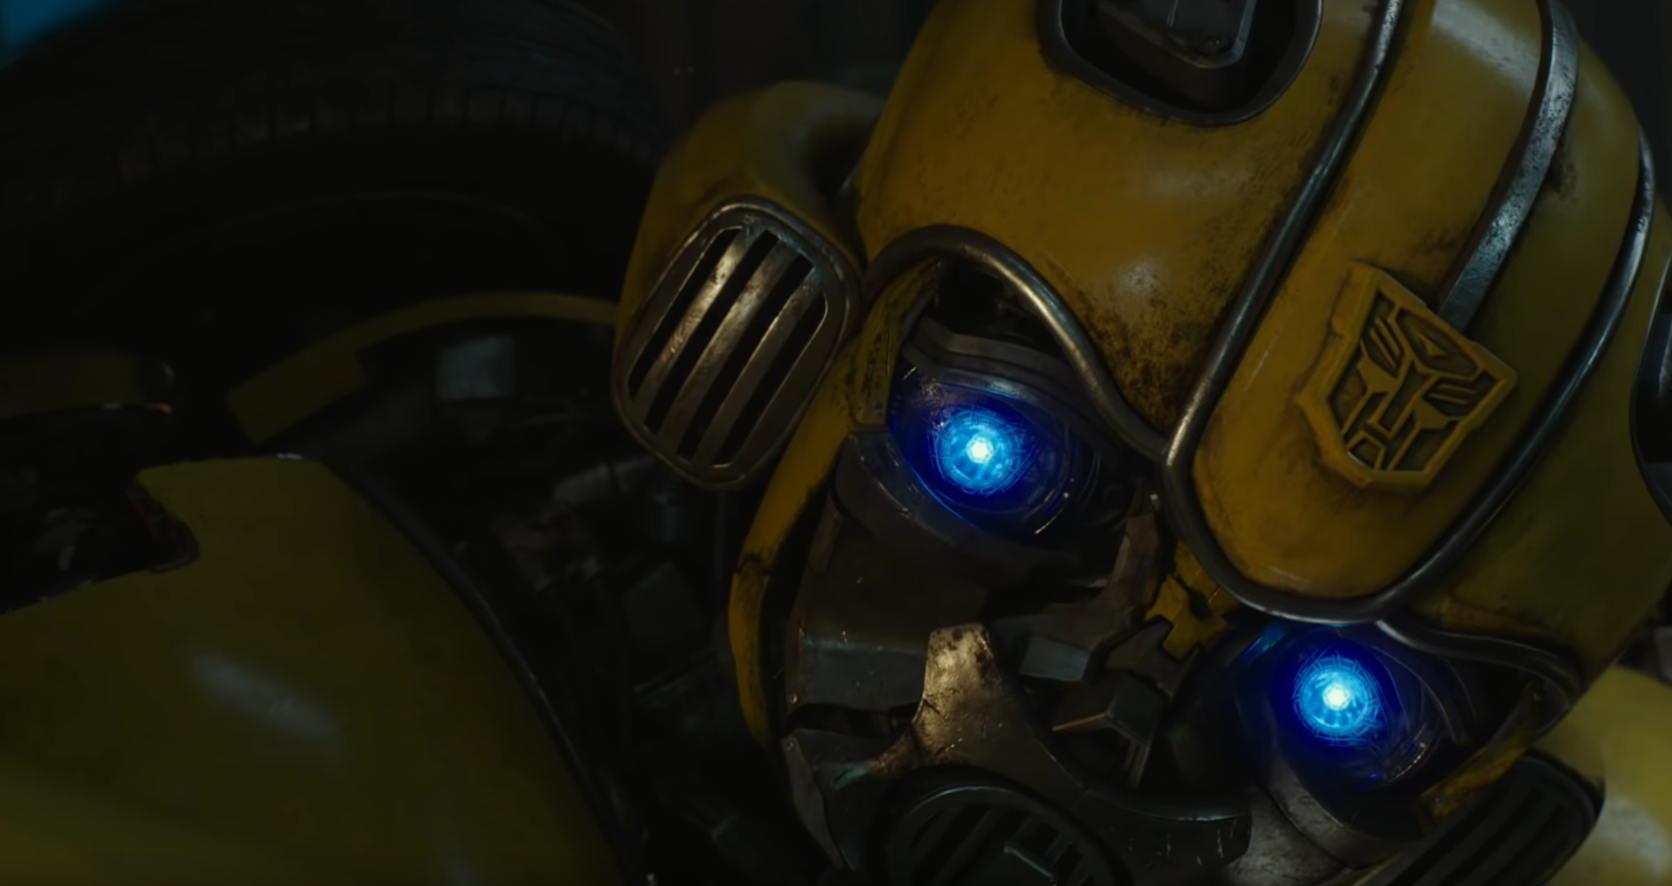 Une bande-annonce pour le prochain Transformers — Bumblebee